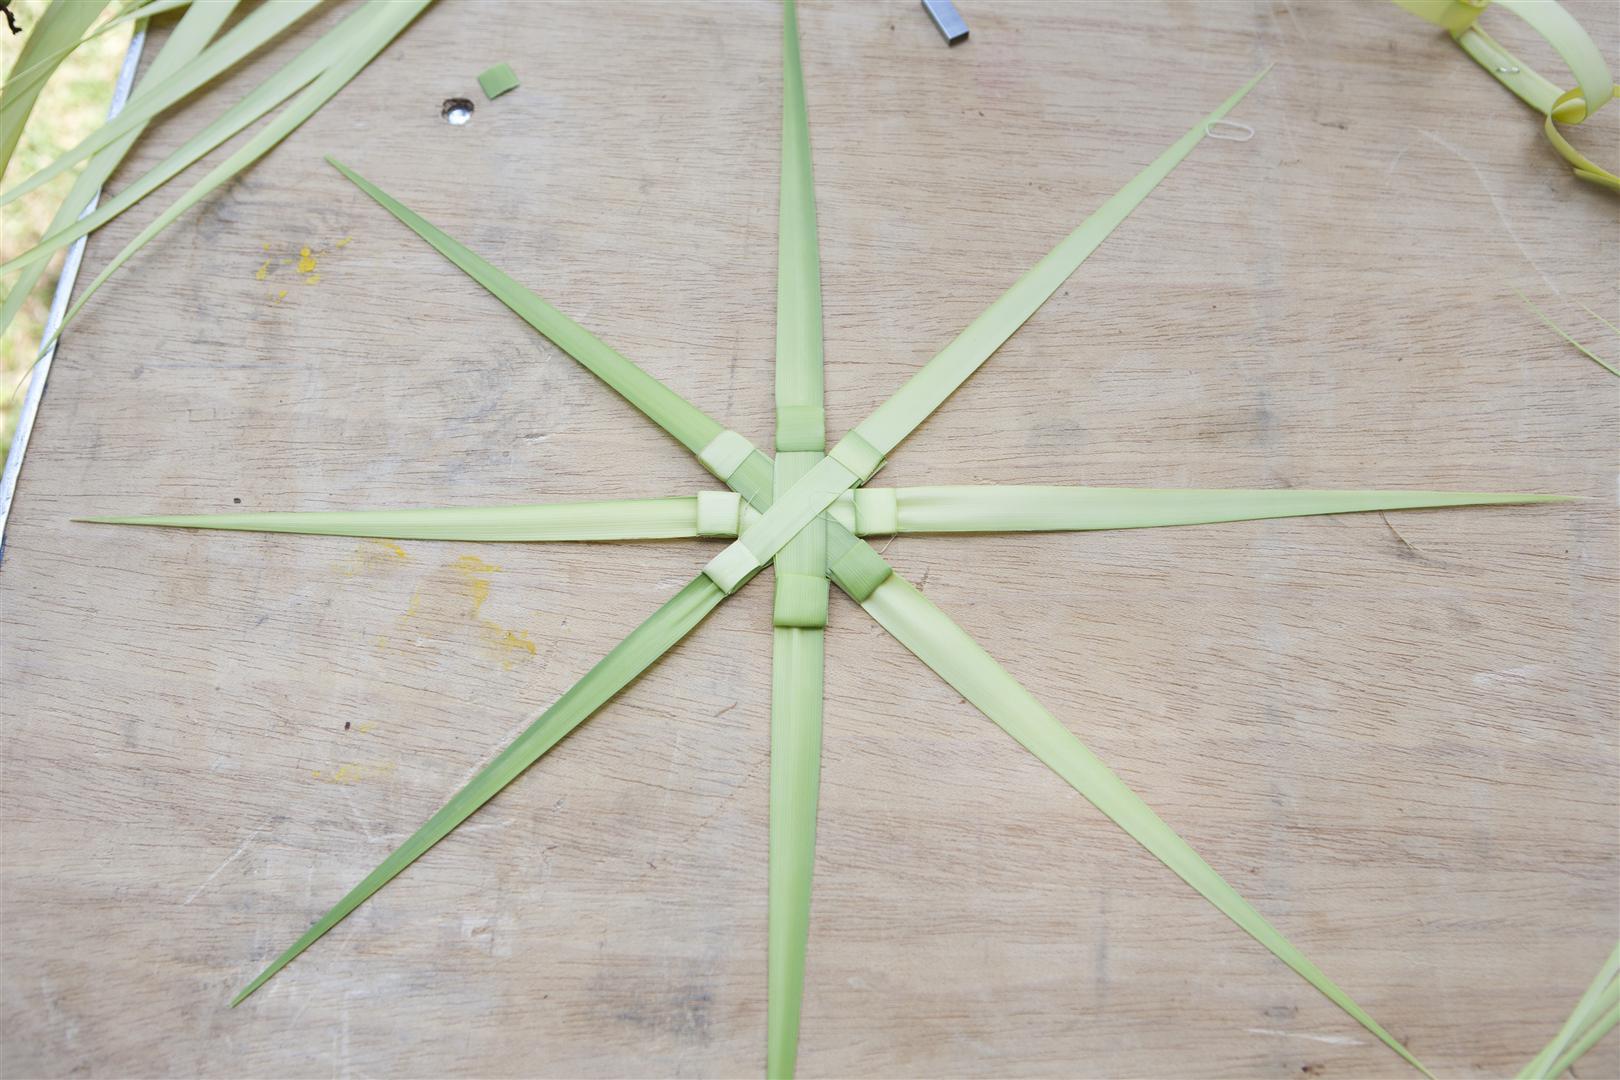 zachintos-handicraft-4